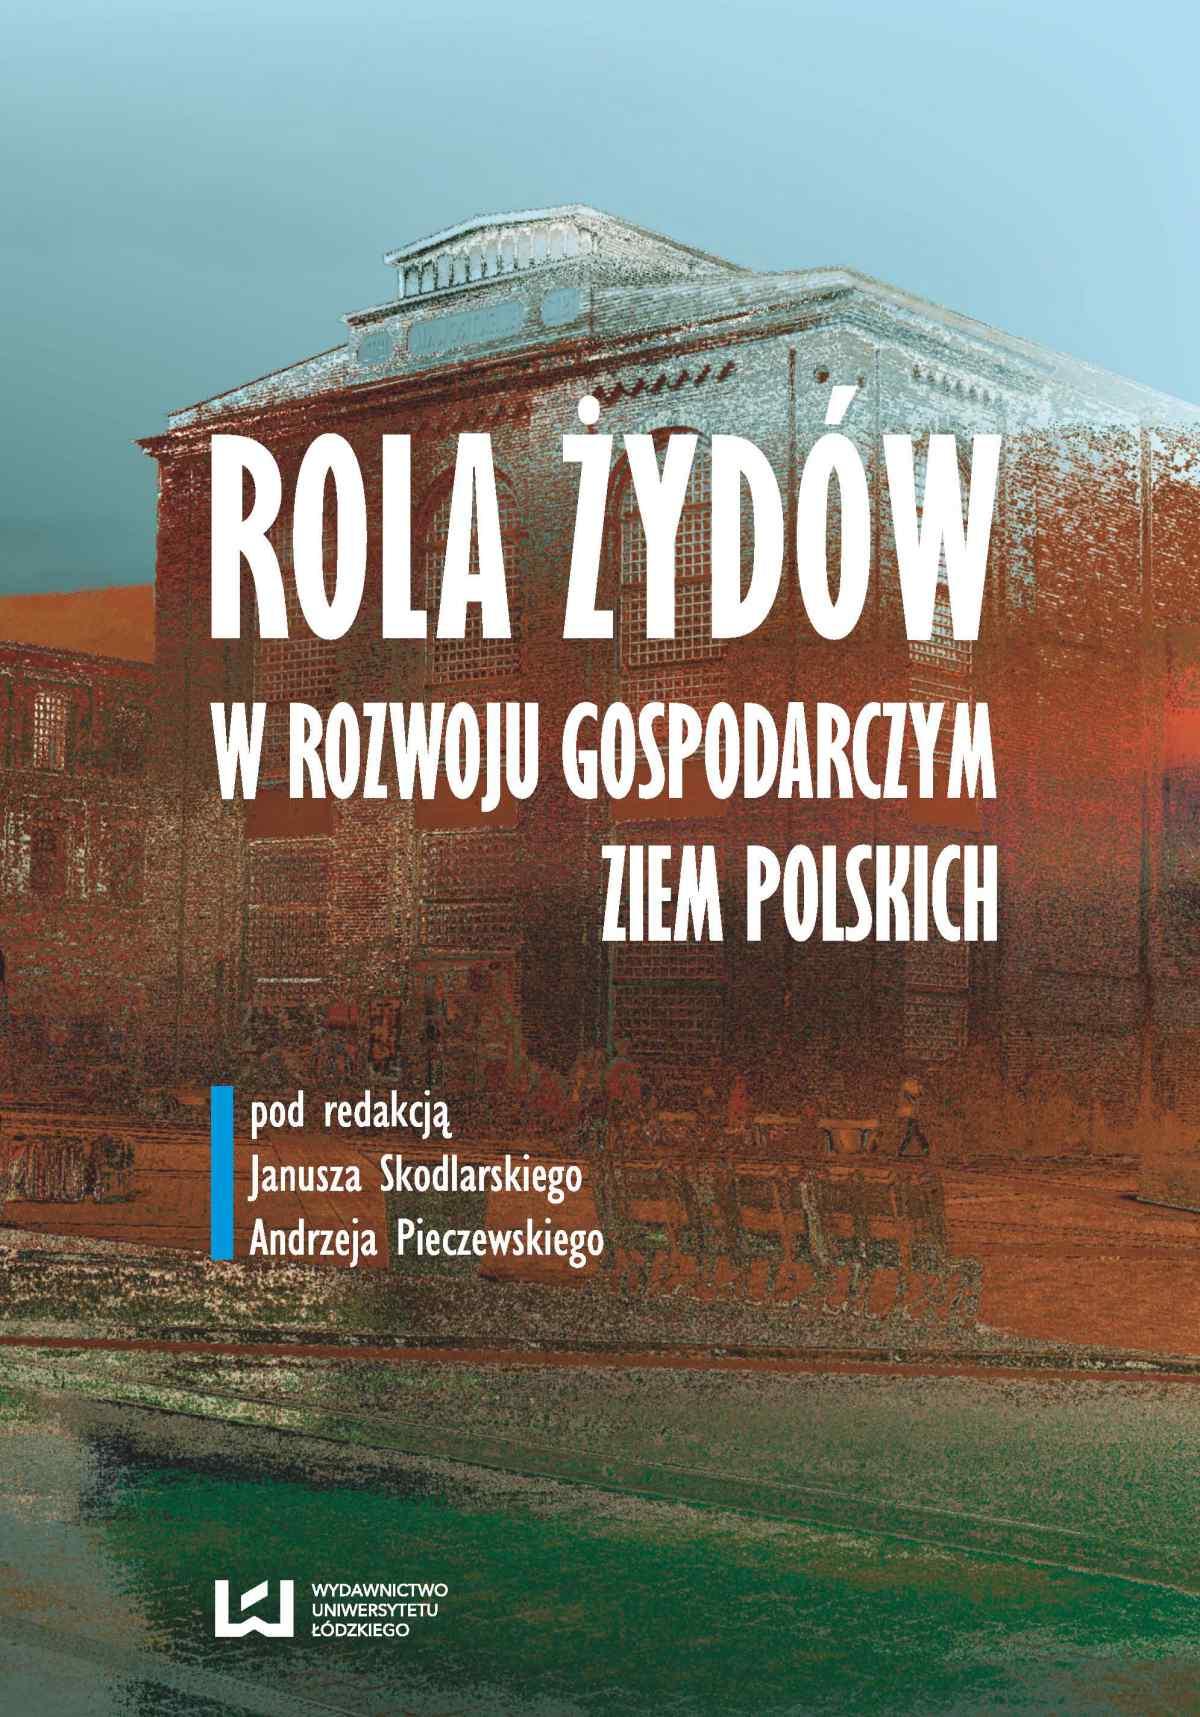 Rola Żydów w życiu gospodarczym ziem polskich - Ebook (Książka PDF) do pobrania w formacie PDF